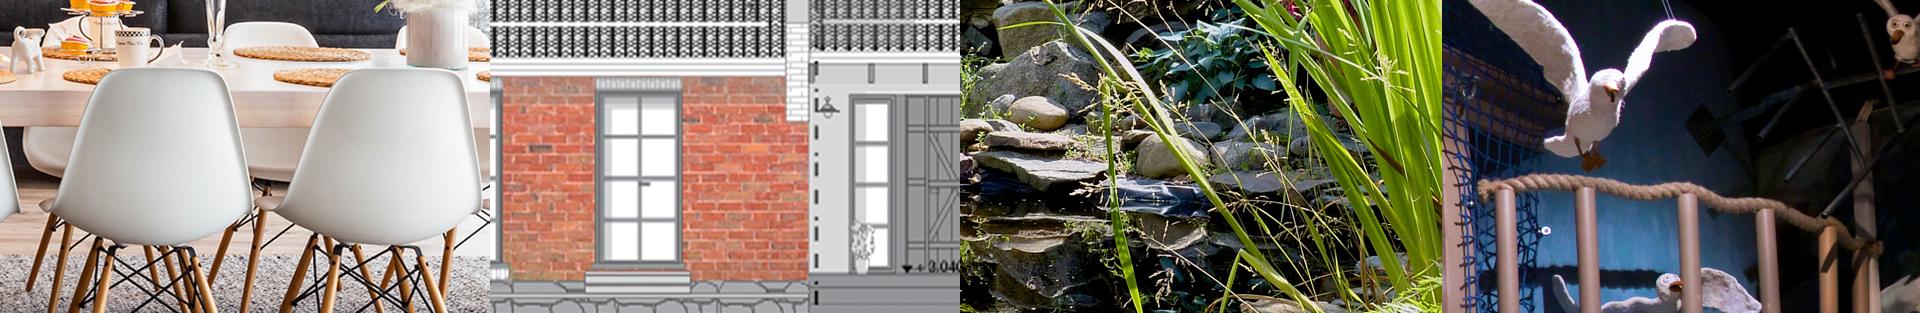 Sisustussunnittelu arkkitehtisuunnittelu puutarhasuunnittelu näyttelysuunnittelu Uusimaa Kanta-Häme Pirkanmaa Hämeenlinna